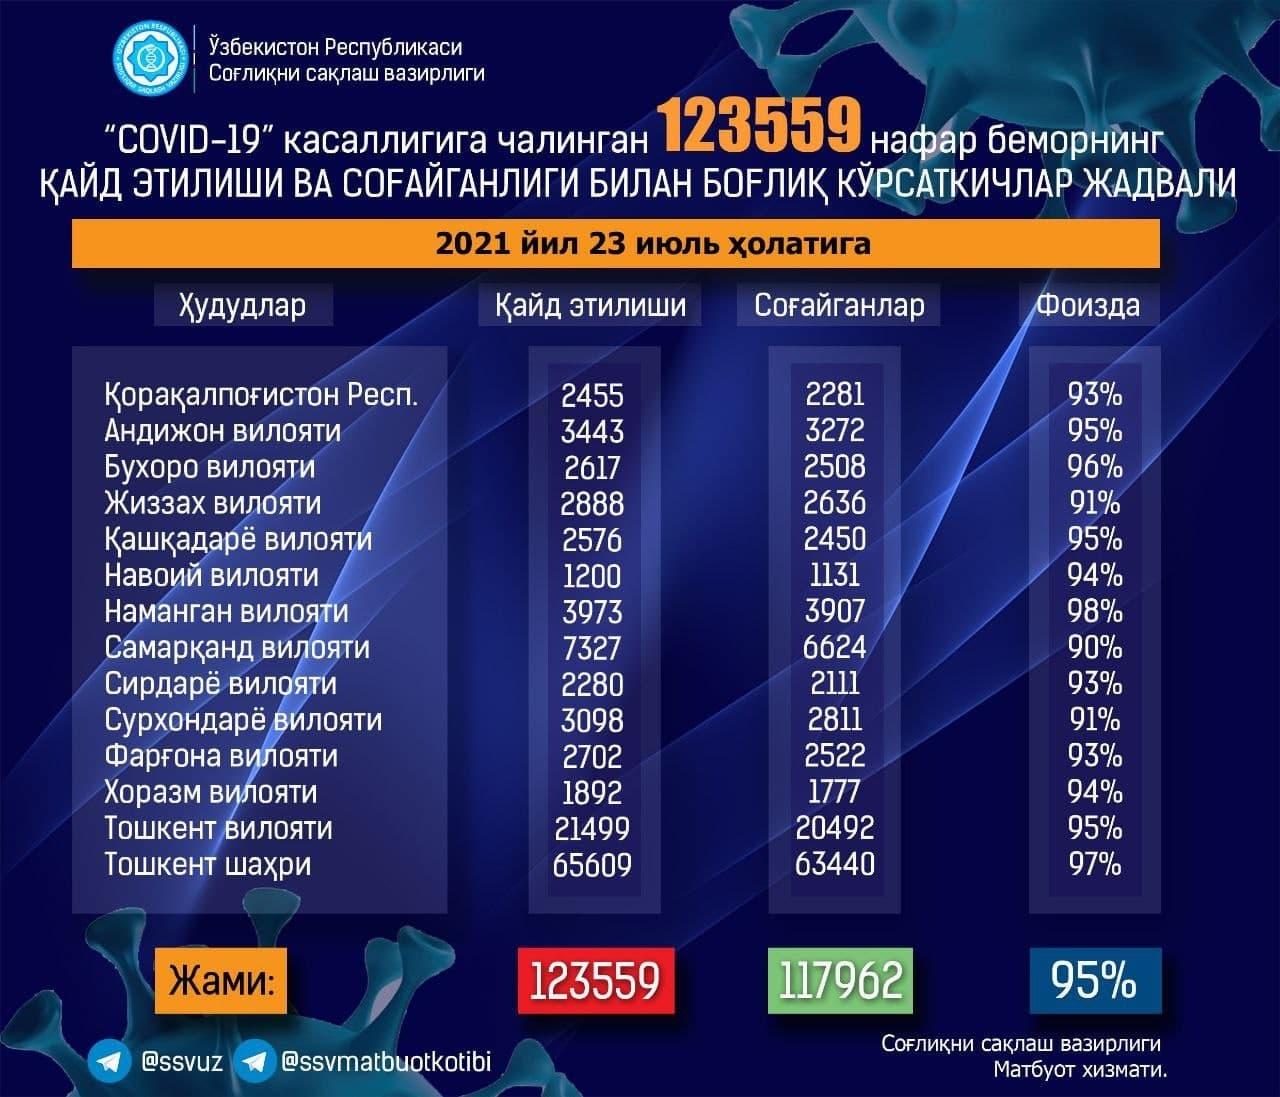 773 зараженных за последние сутки: в Узбекистане побит очередной антирекорд по числу заболевших COVID-19